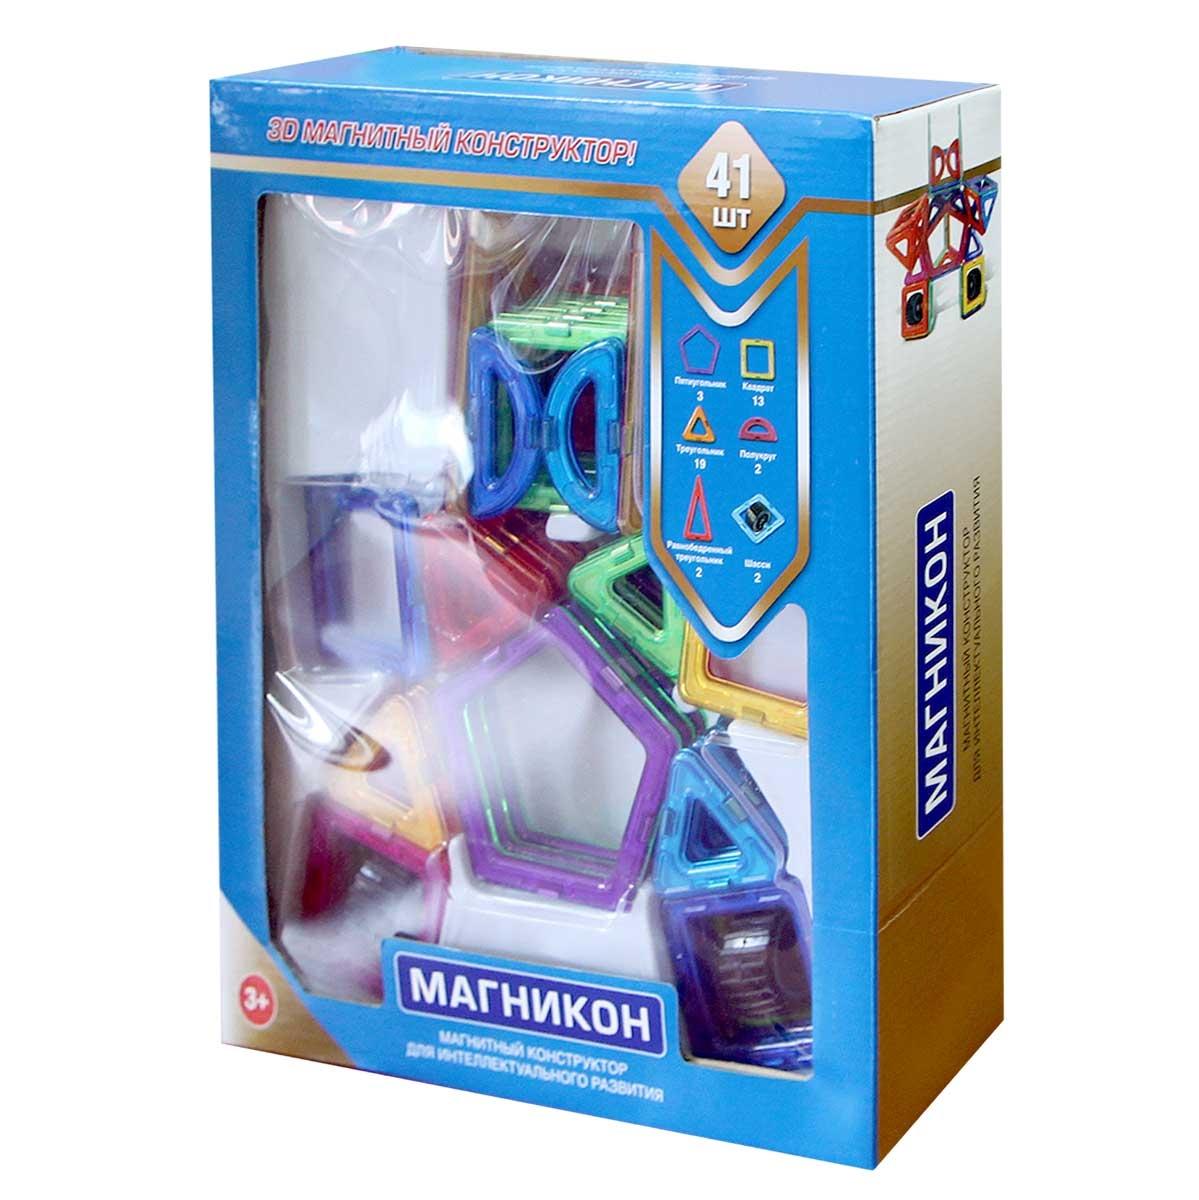 Конструкторы Магникон МК-41 Робот магникон магнитный конструктор космодром 2